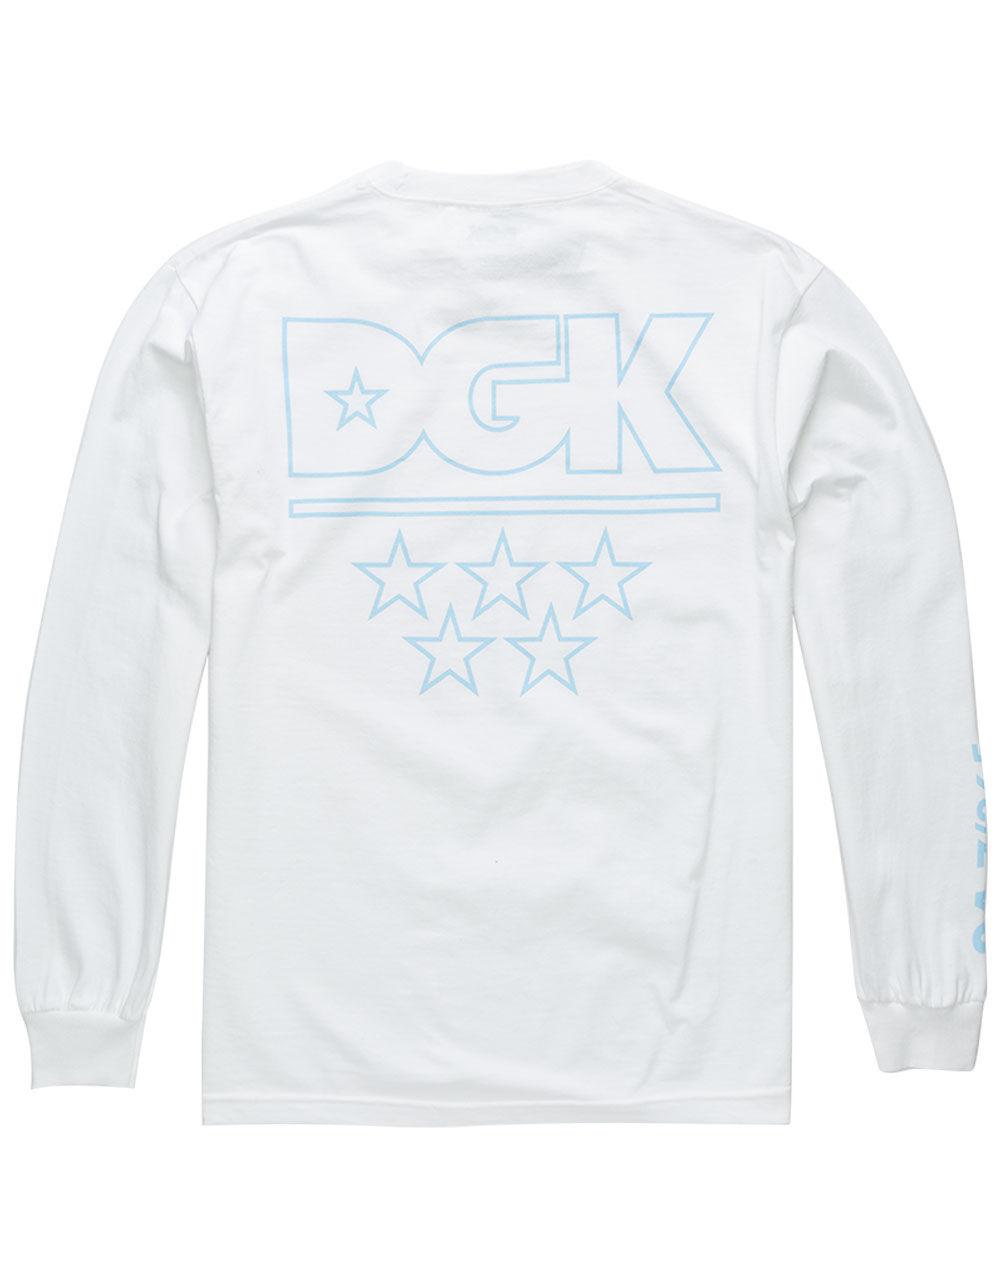 Image of DGK 24-7-365 T-SHIRT